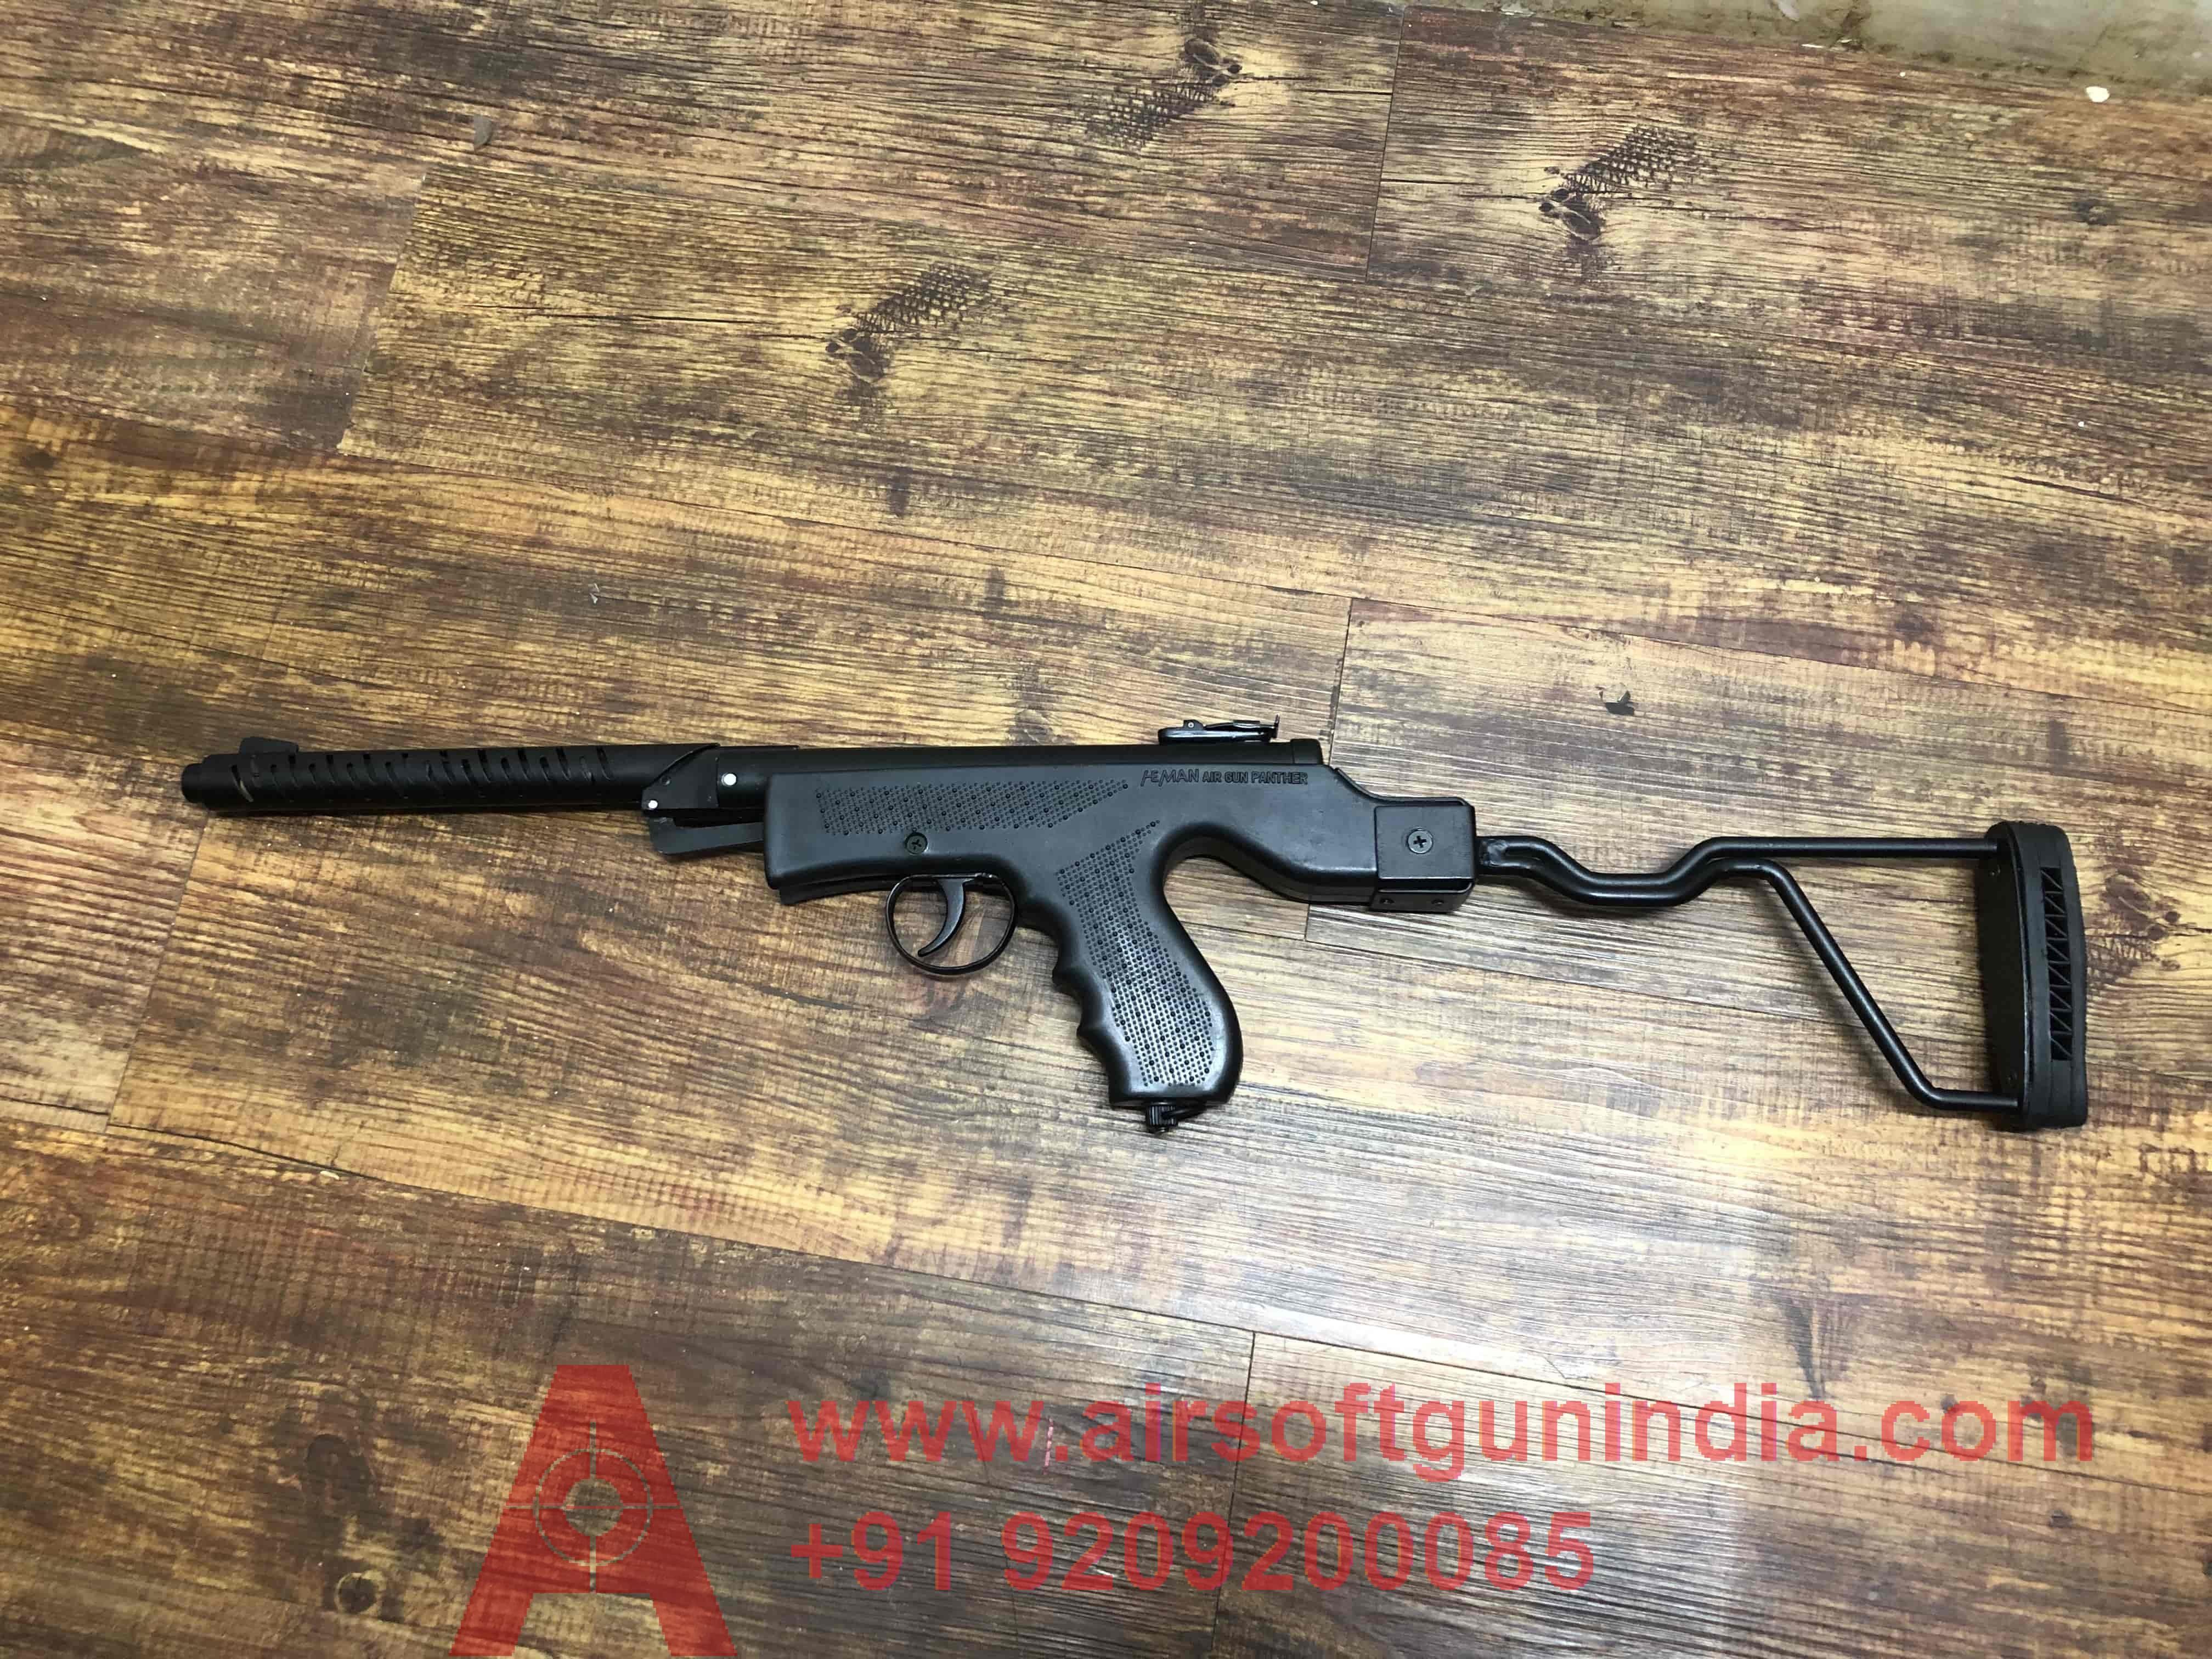 Heman Shooting Air Rifle By Airsoft Gun India